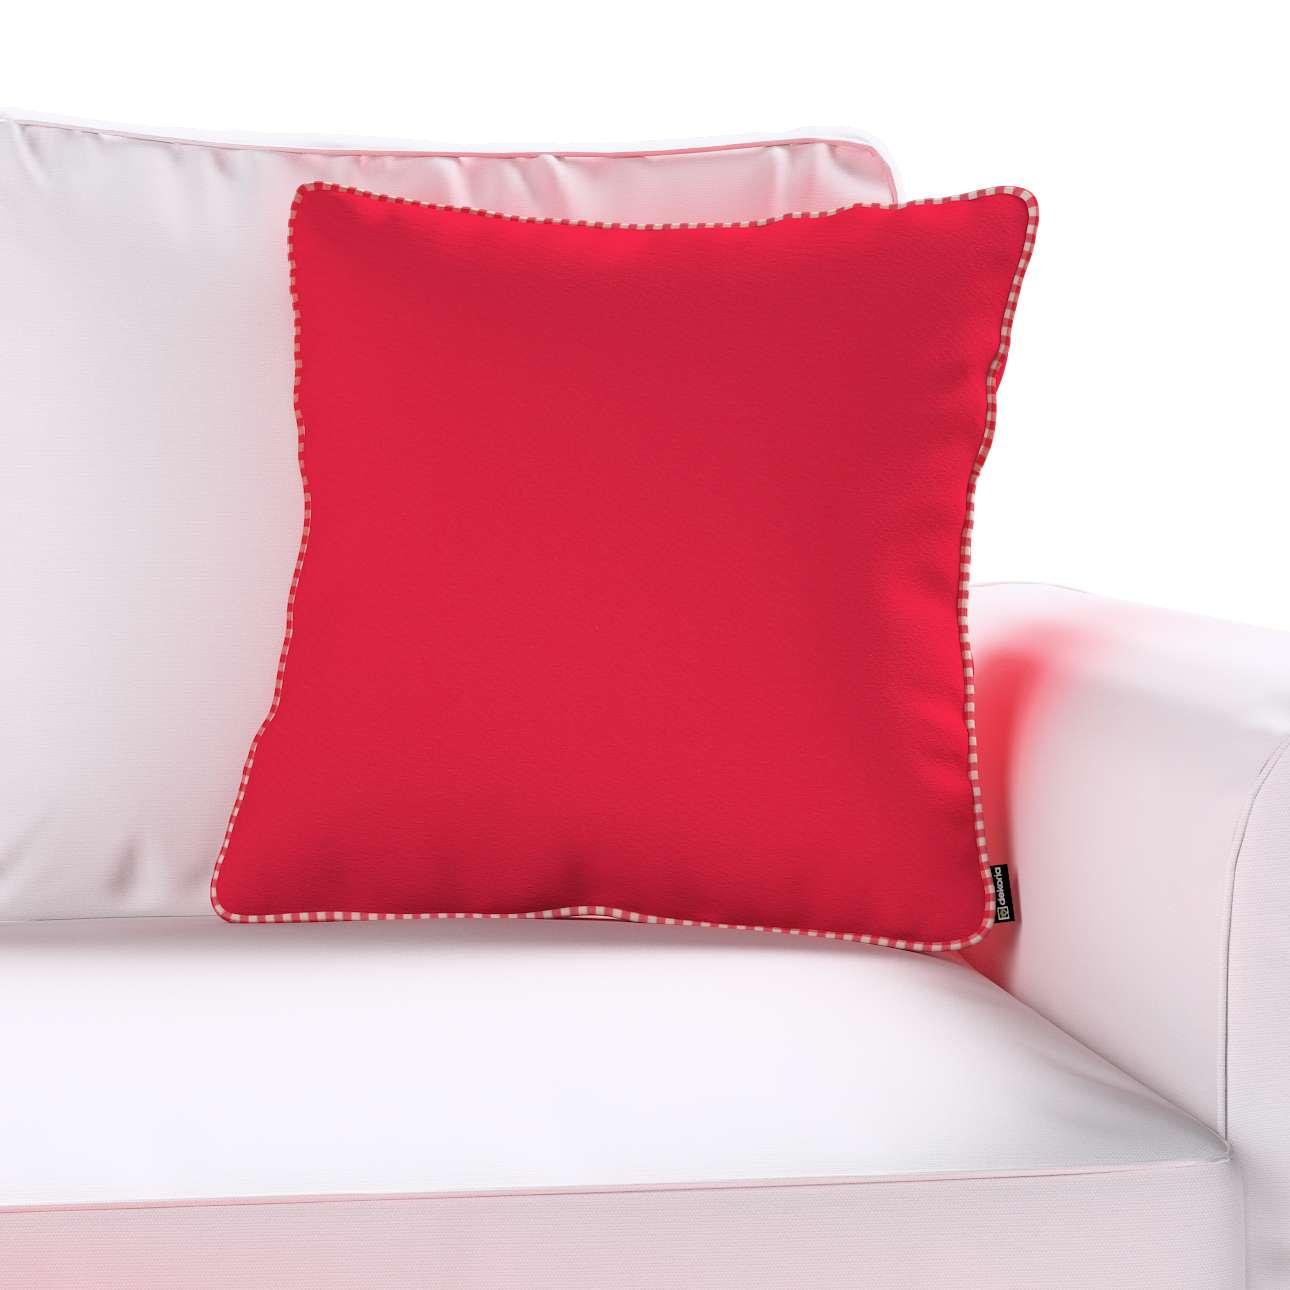 Poszewka Gabi na poduszkę w kolekcji Quadro, tkanina: 136-19